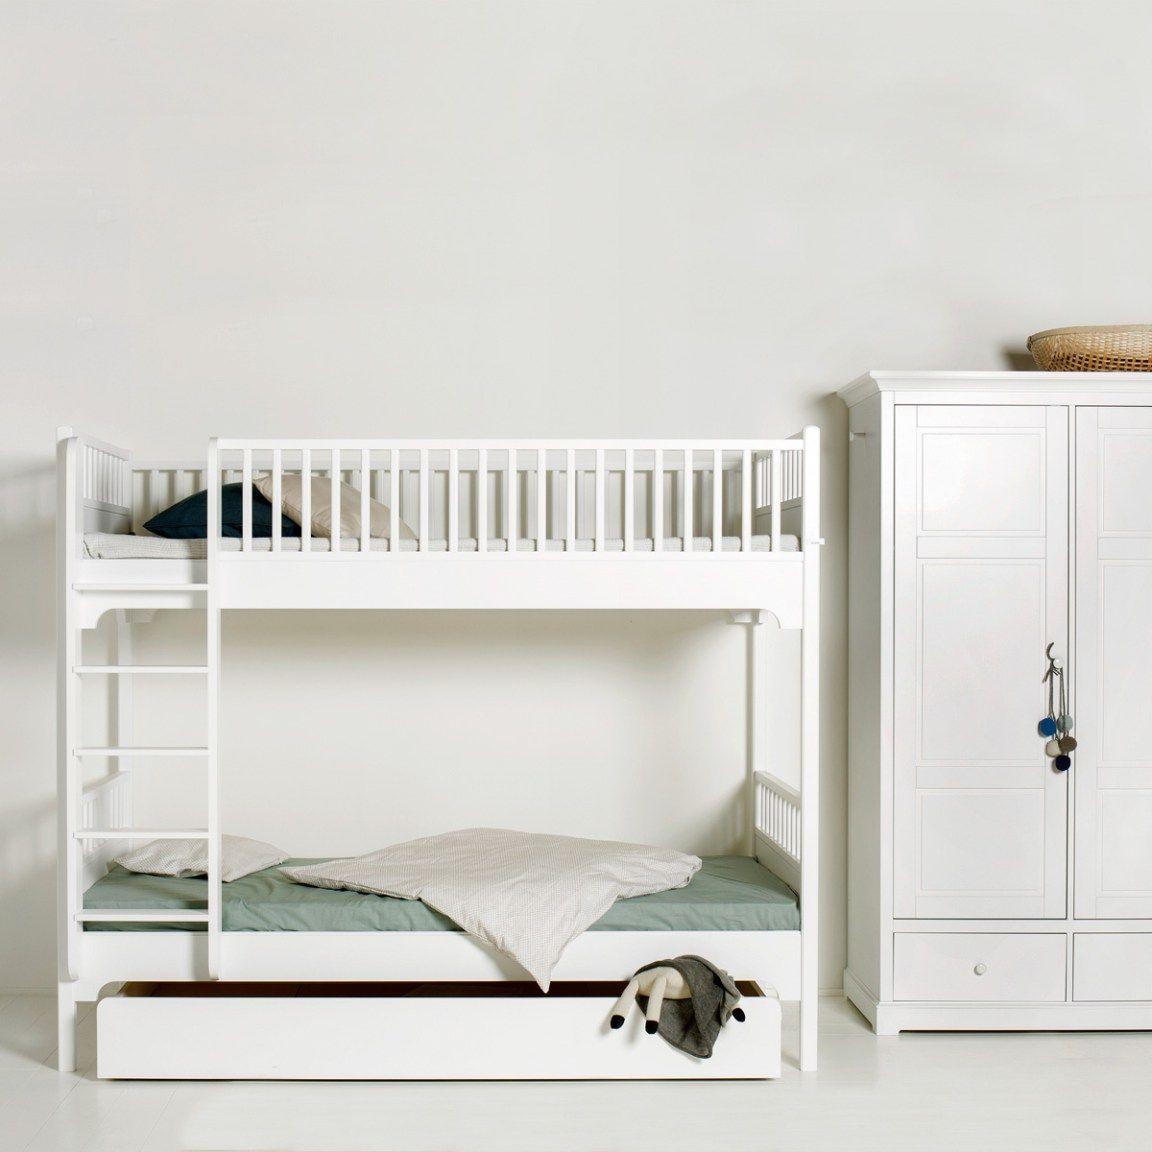 Kinderzimmer einrichten // Ein Hochbett für Kinder | Oliver ...